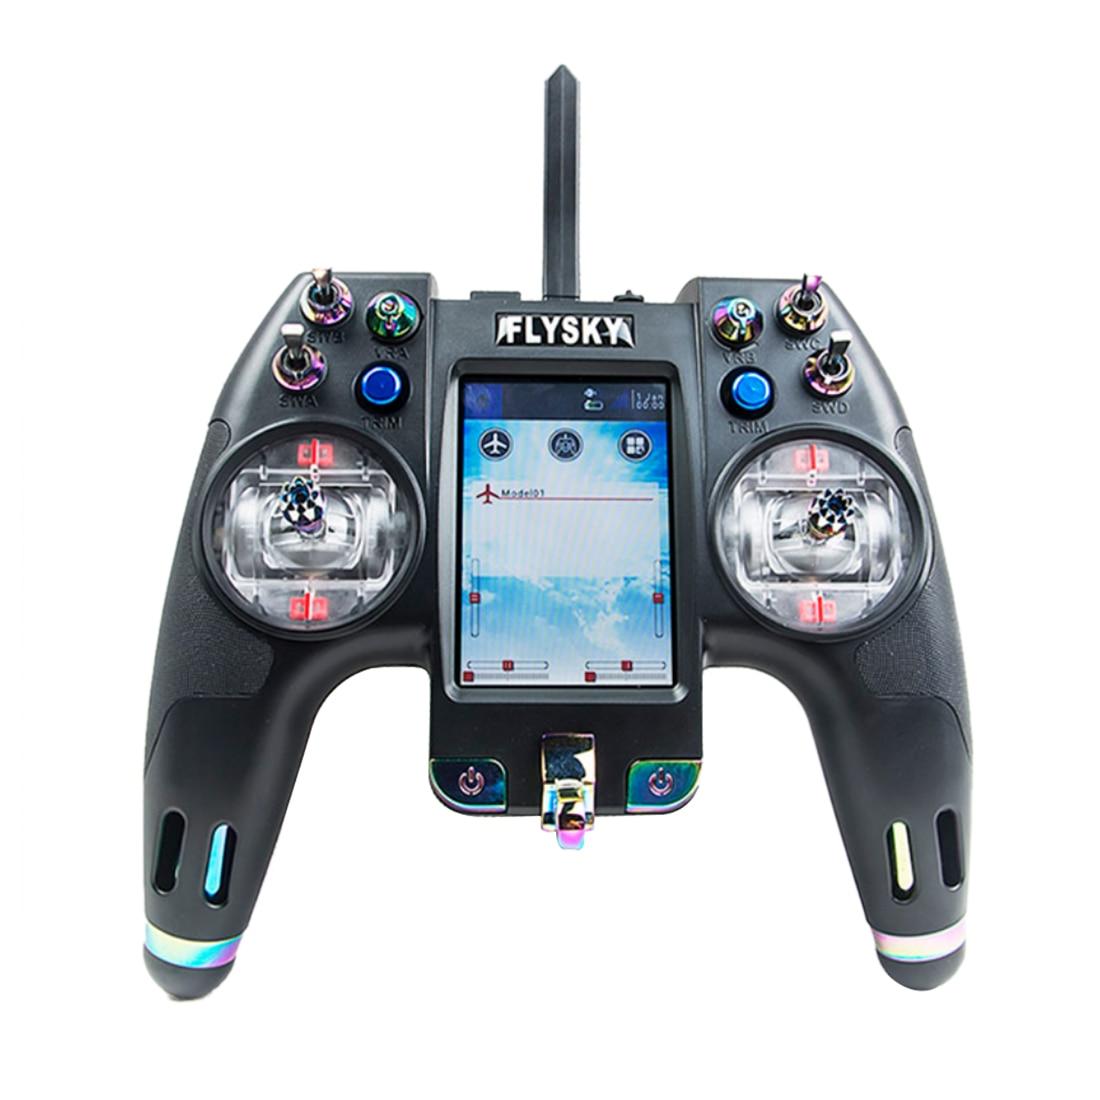 Flysky FS NV14 2.4G 14CH Nirvana nadajnika RC pilot zdalnego sterowania z iA8X + X8B podwójny odbiornik 3.5 Cal wyświetlacz otwarta źródło w Części i akcesoria od Zabawki i hobby na  Grupa 1